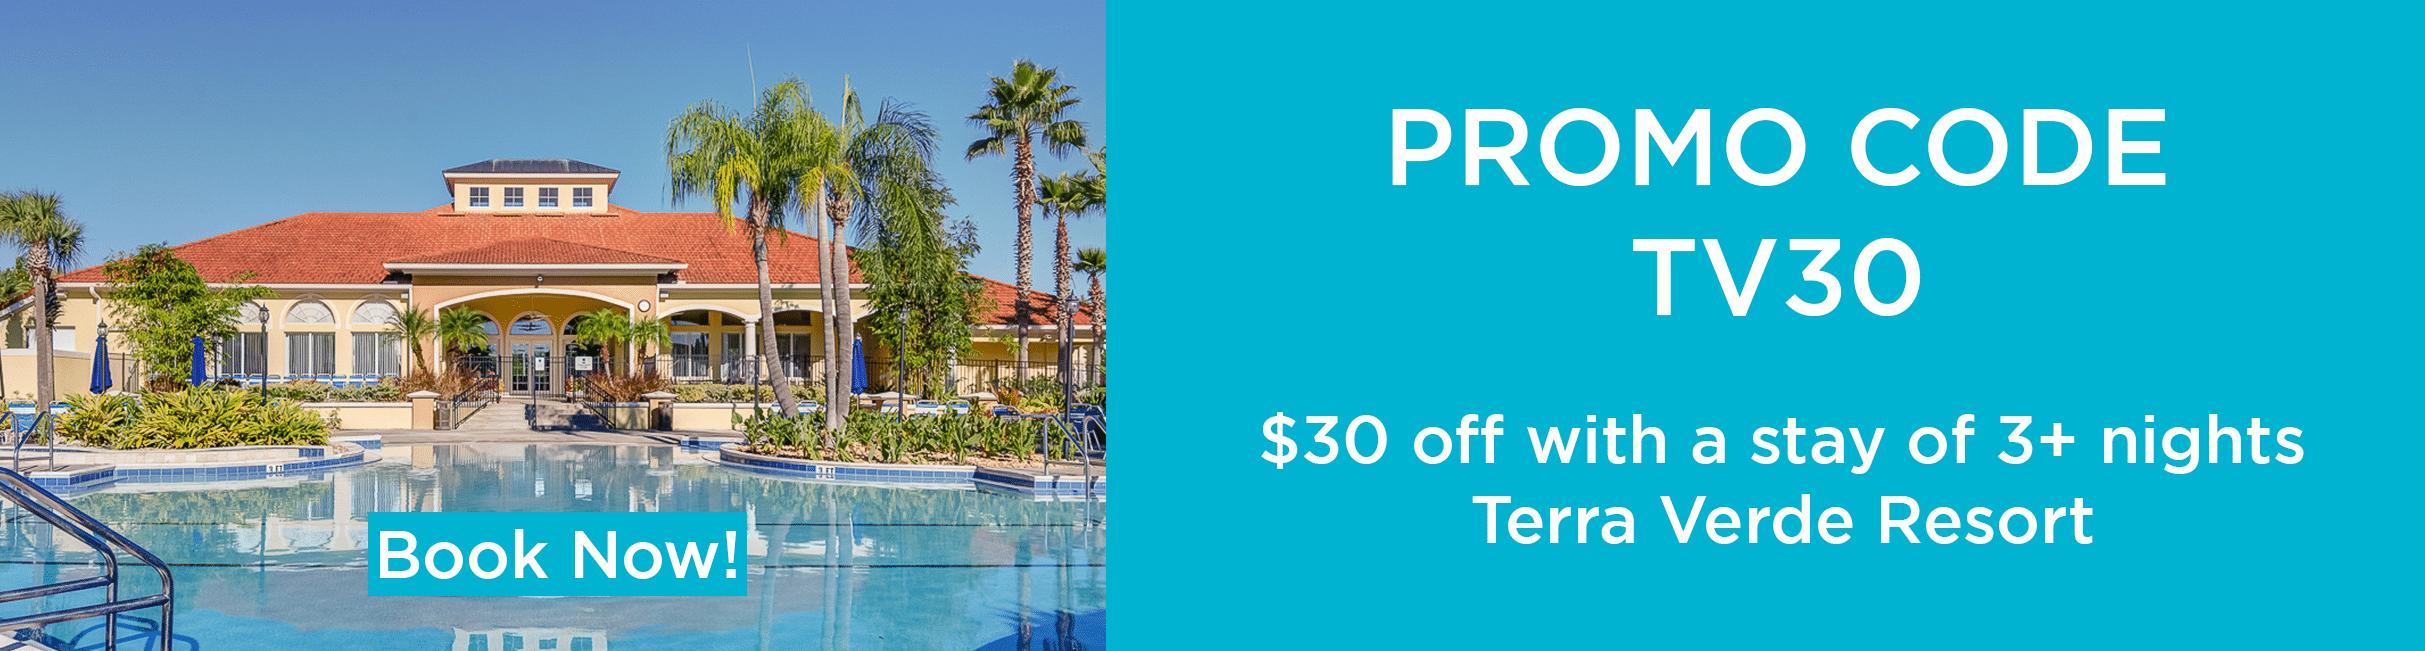 promo terra verde web-Orlando vacation discounts